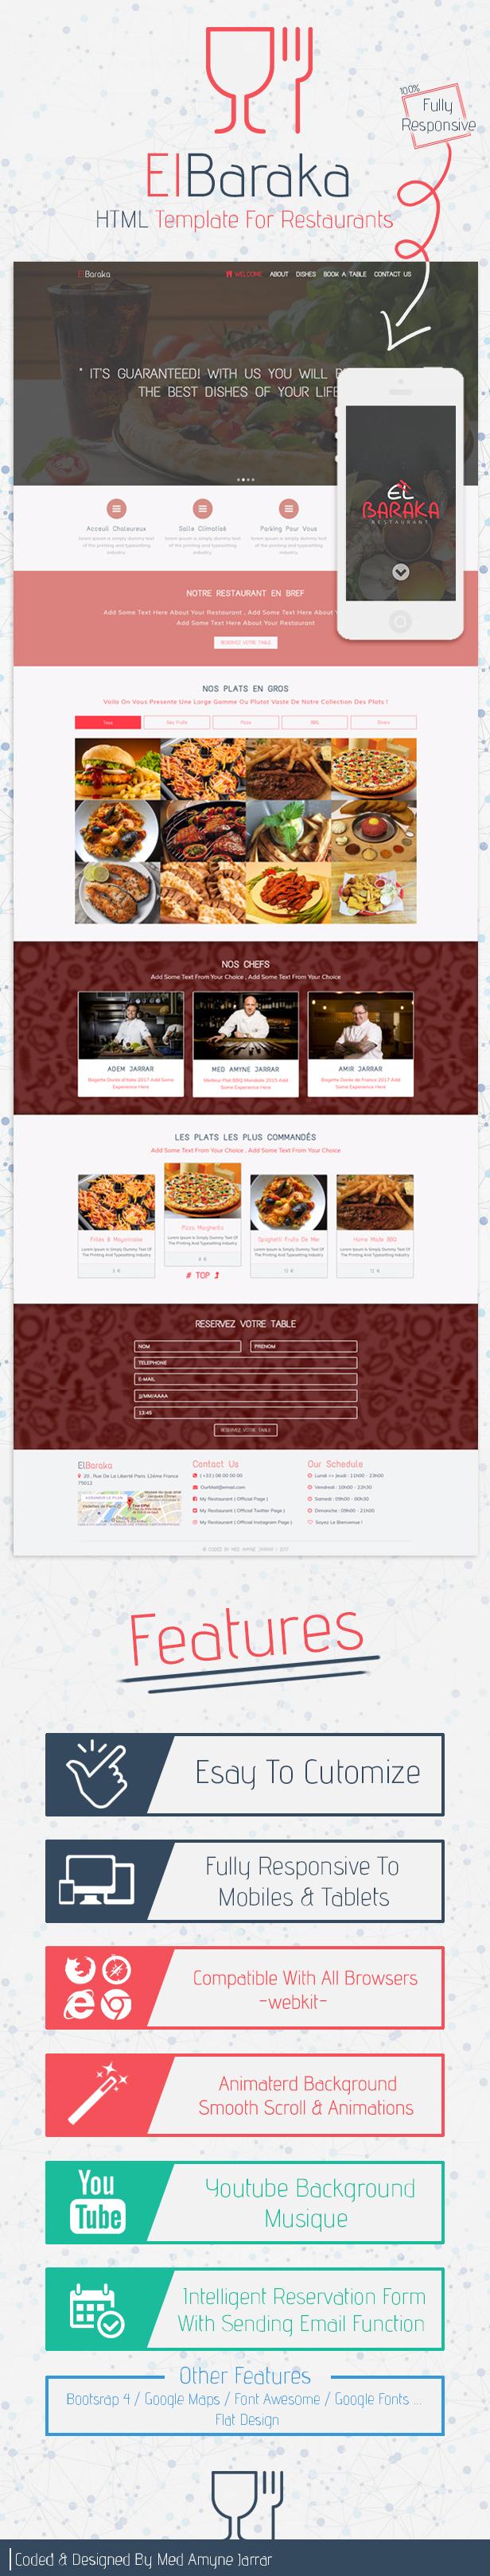 El Baraka Html5 Template For Restaurants By Medamynejarrar